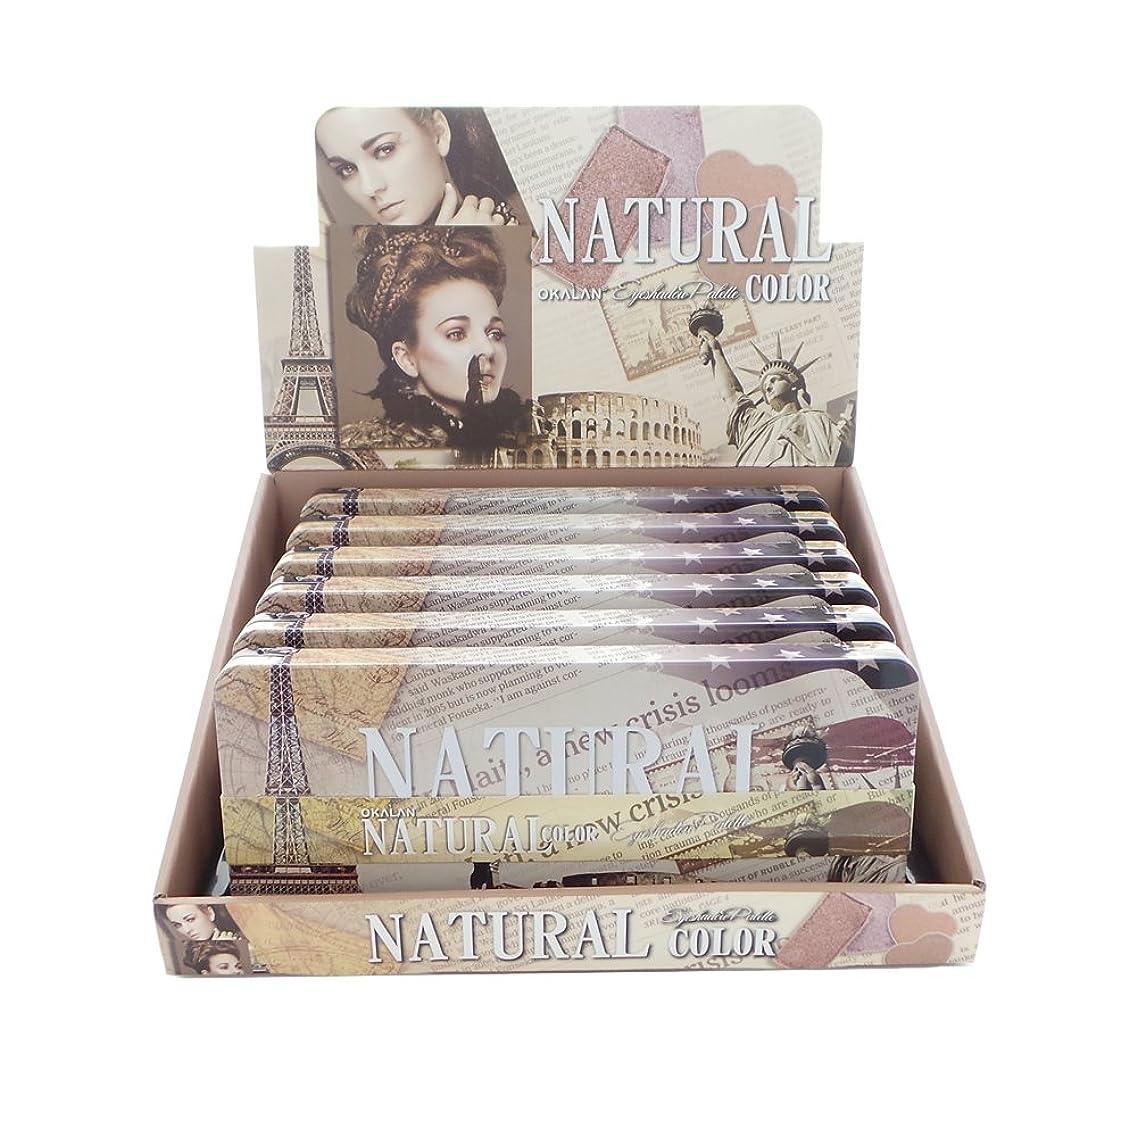 ガウン画家靴OKALAN Natural Color Eyeshadow Palette A Display Set, 6 Pieces (並行輸入品)